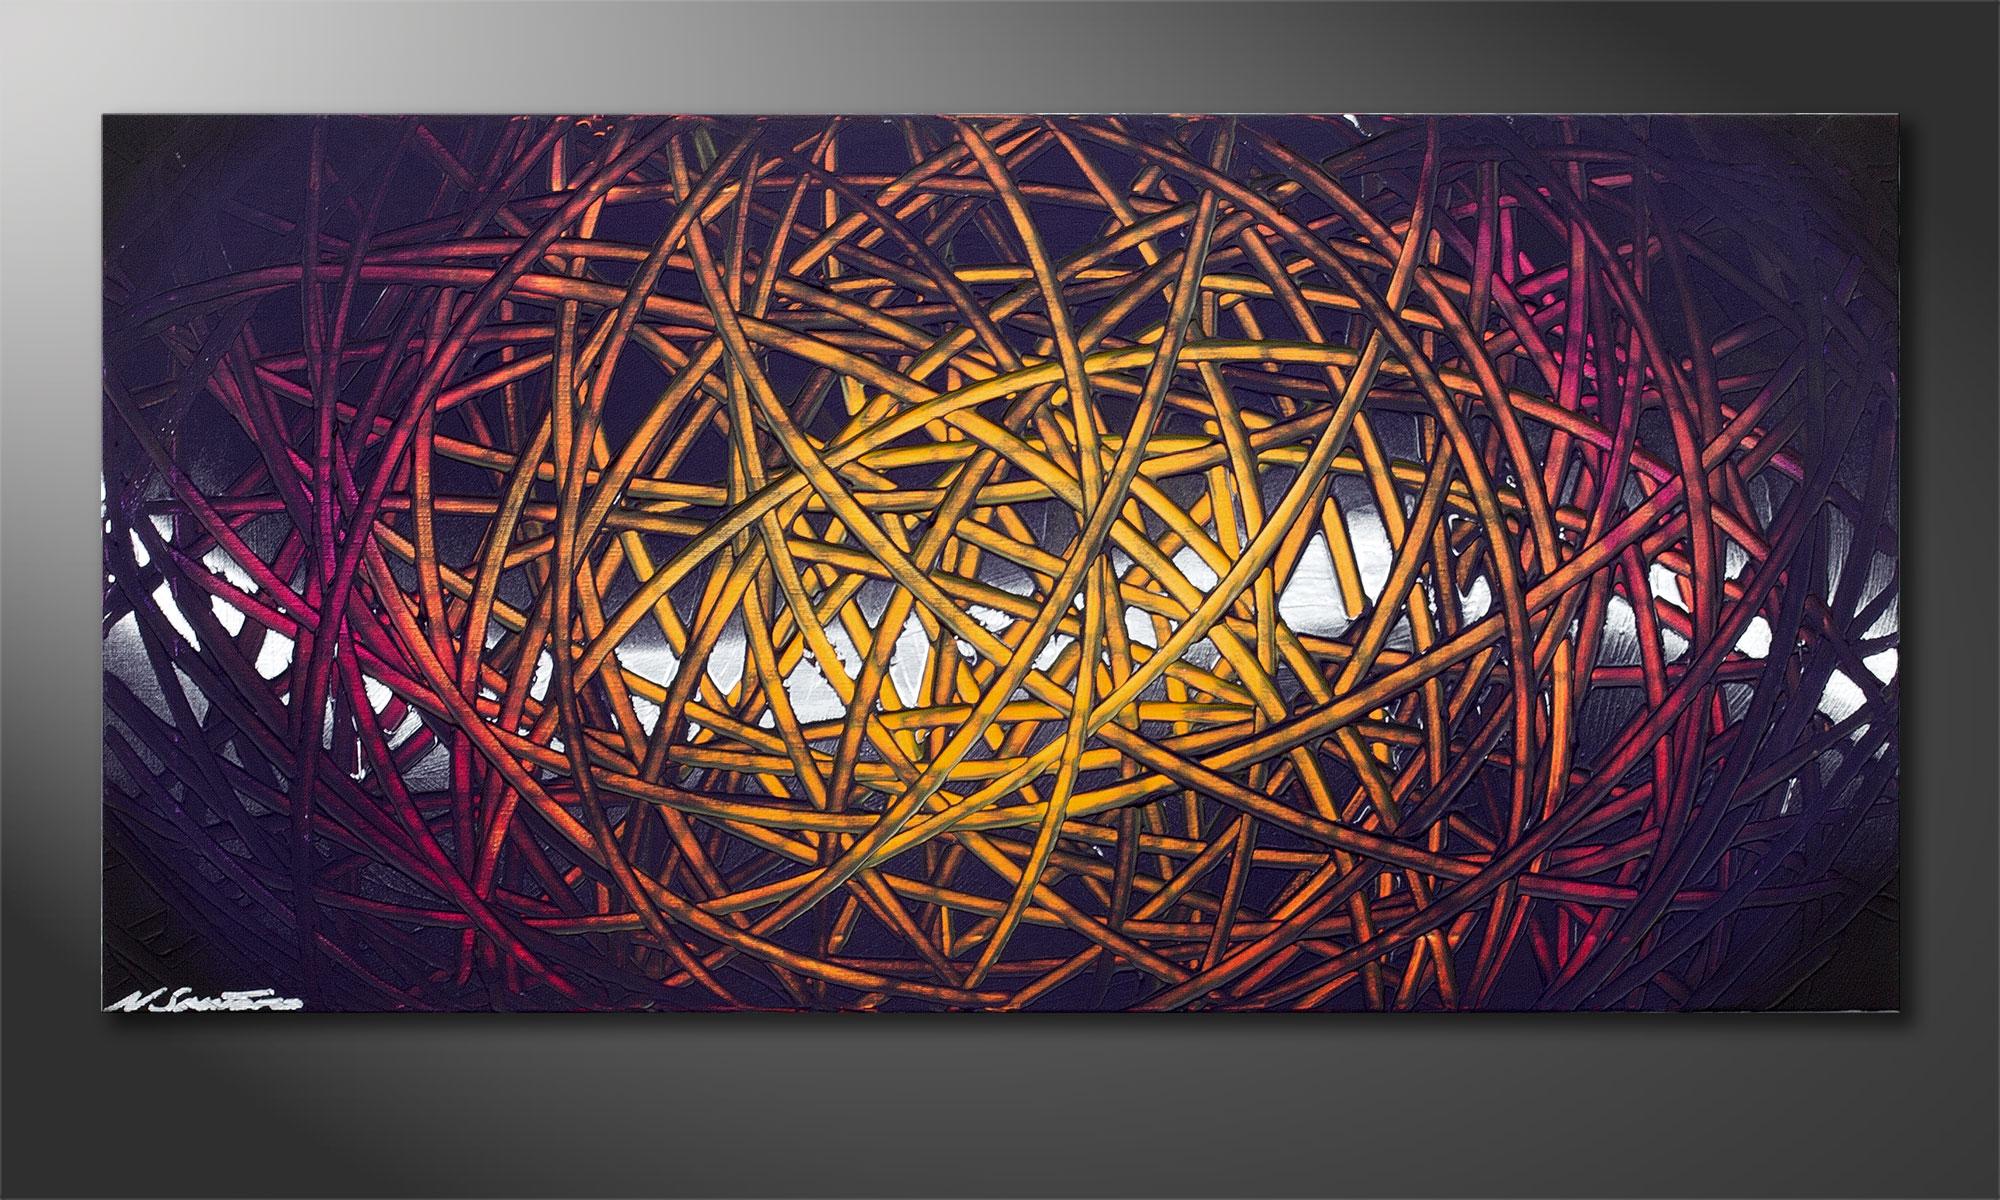 wandbild modern indian moonlight 100x50cm wandbilder xxl. Black Bedroom Furniture Sets. Home Design Ideas